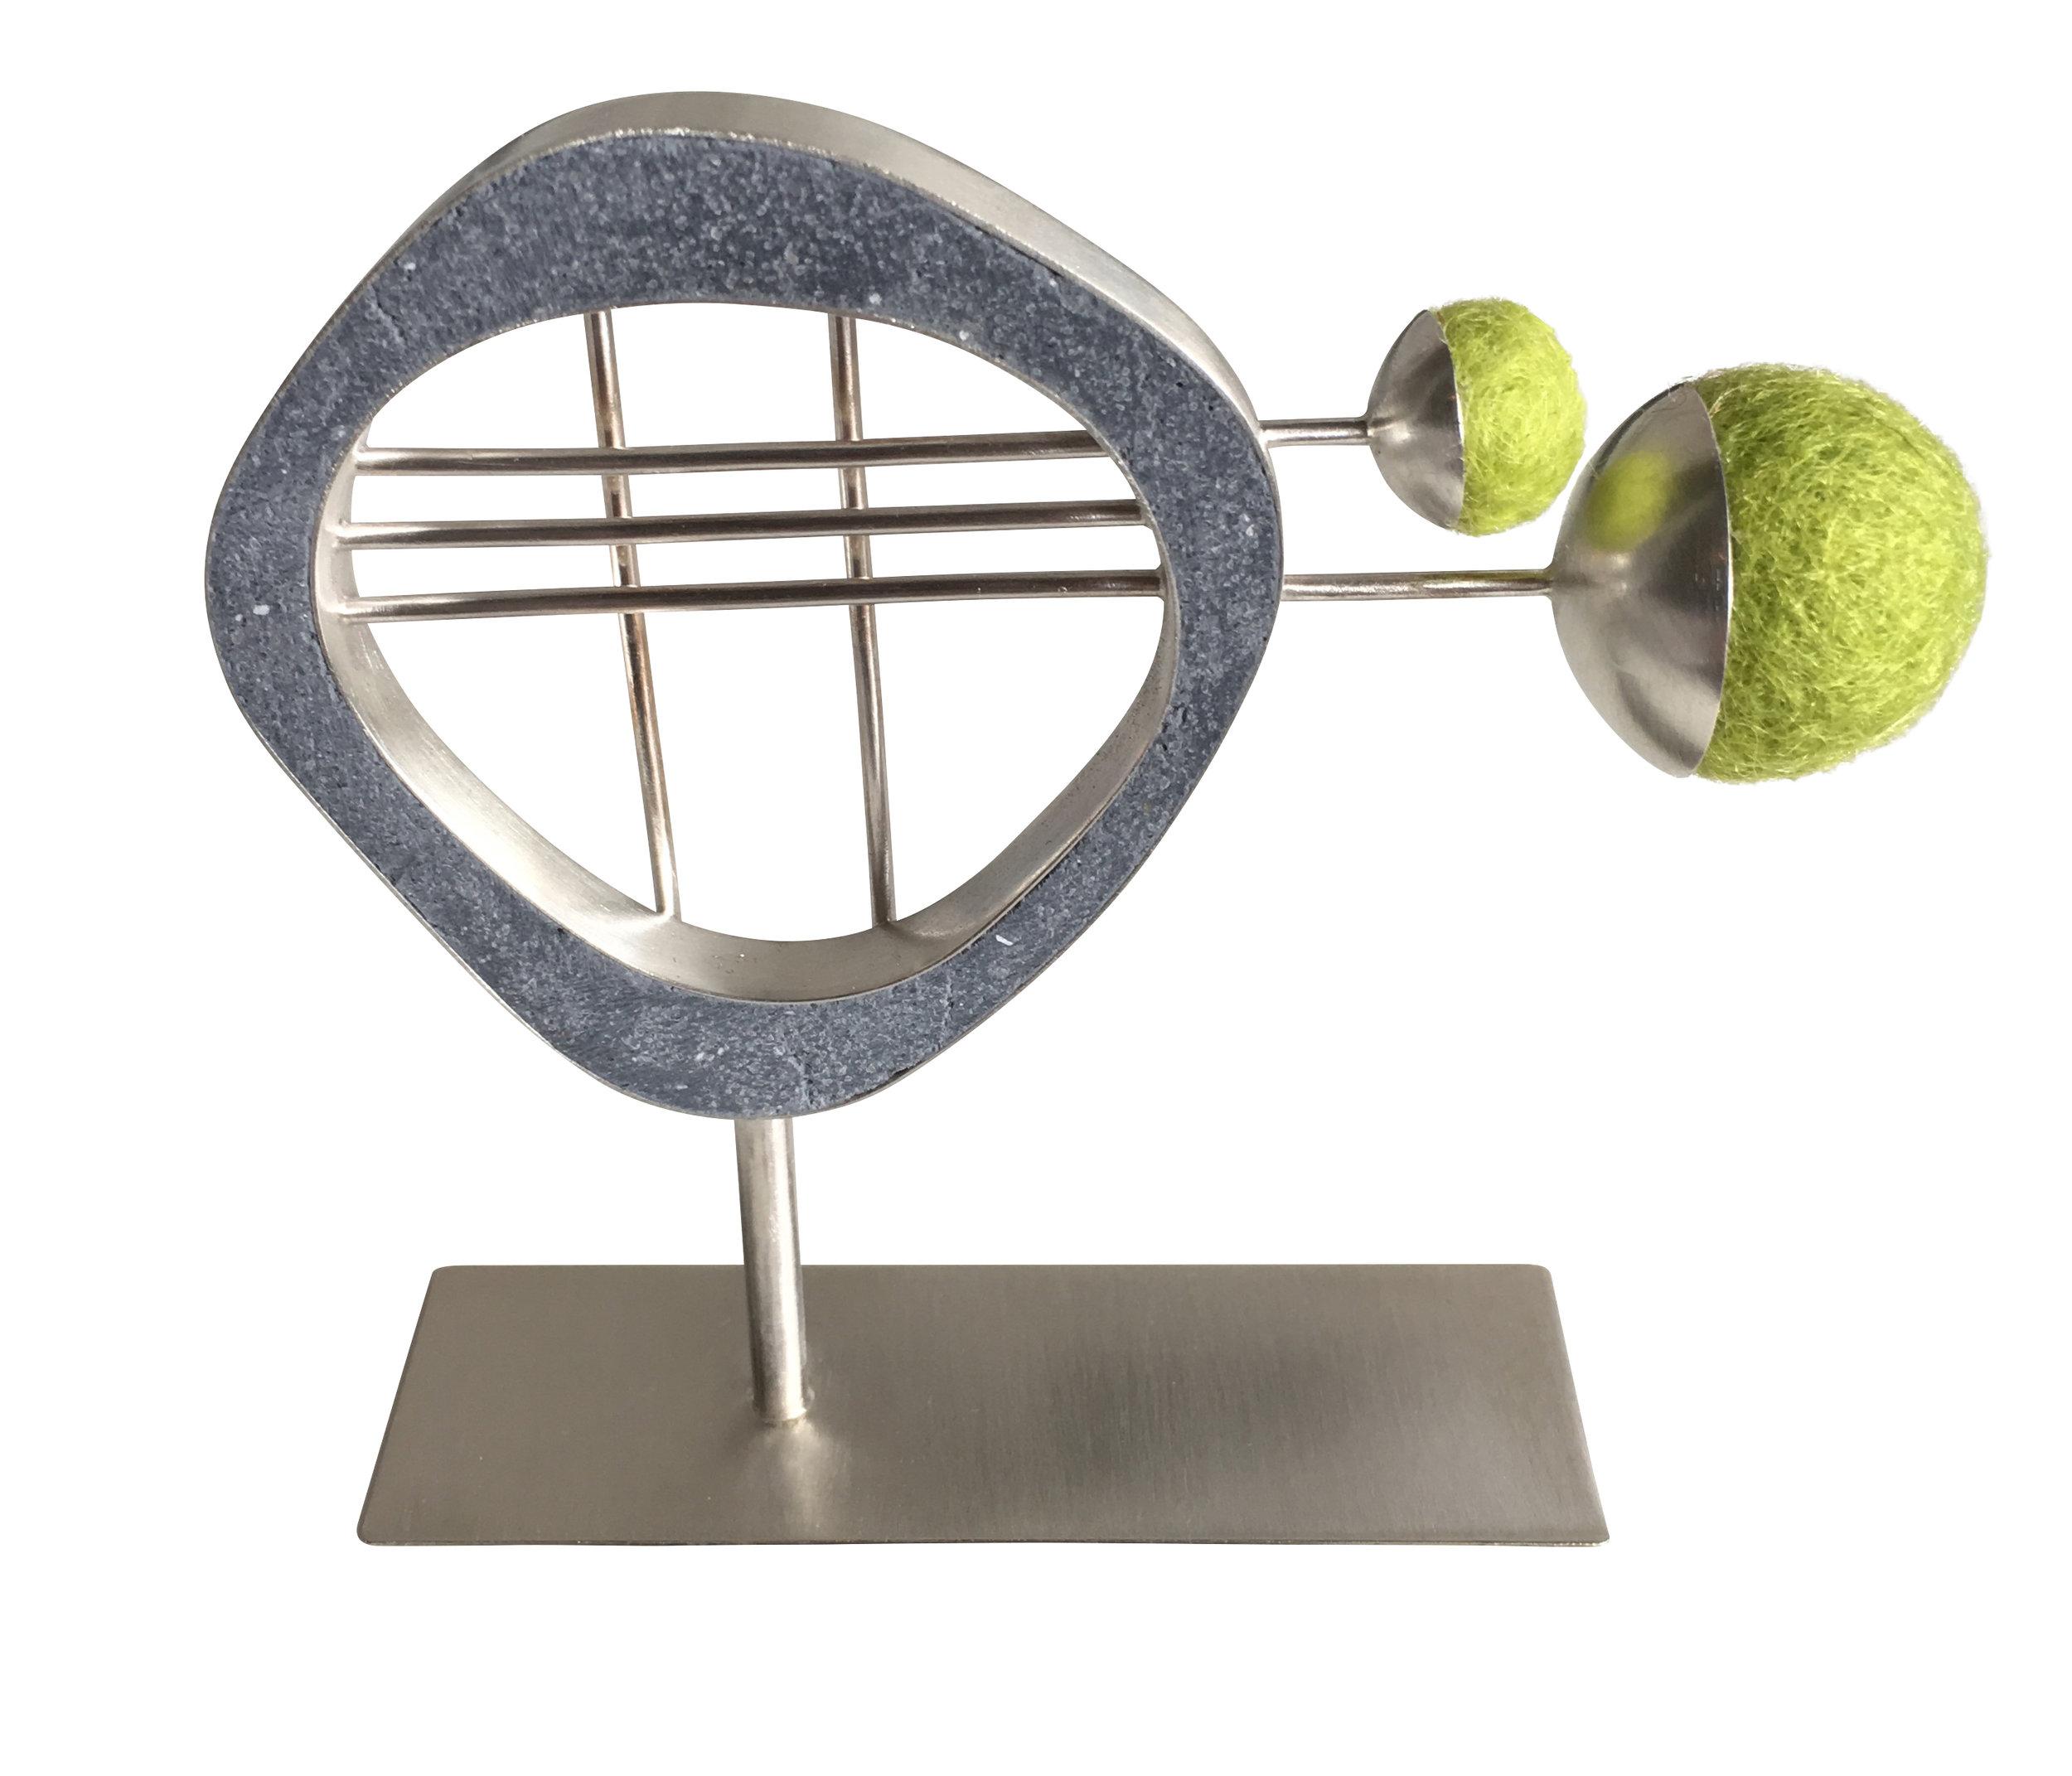 3 Lines 2 Balls Sculpture